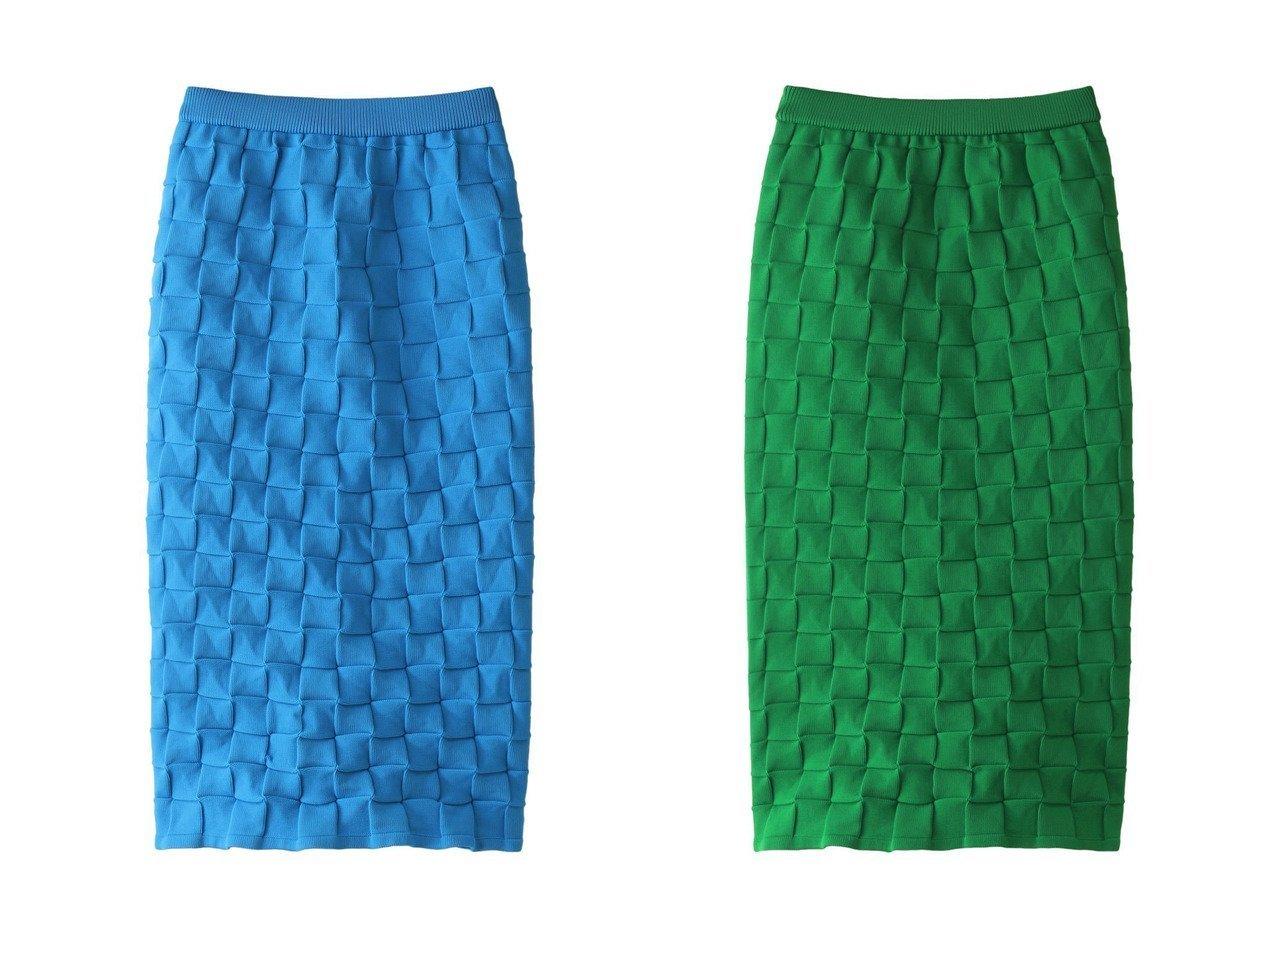 【MAISON SPECIAL/メゾンスペシャル】のブロックチェックニットカラースカート 【スカート】おすすめ!人気、トレンド・レディースファッションの通販 おすすめで人気の流行・トレンド、ファッションの通販商品 インテリア・家具・メンズファッション・キッズファッション・レディースファッション・服の通販 founy(ファニー) https://founy.com/ ファッション Fashion レディースファッション WOMEN スカート Skirt 2020年 2020 2020-2021秋冬・A/W AW・Autumn/Winter・FW・Fall-Winter/2020-2021 2021年 2021 2021-2022秋冬・A/W AW・Autumn/Winter・FW・Fall-Winter・2021-2022 A/W・秋冬 AW・Autumn/Winter・FW・Fall-Winter シンプル チェック ブロック  ID:crp329100000068569